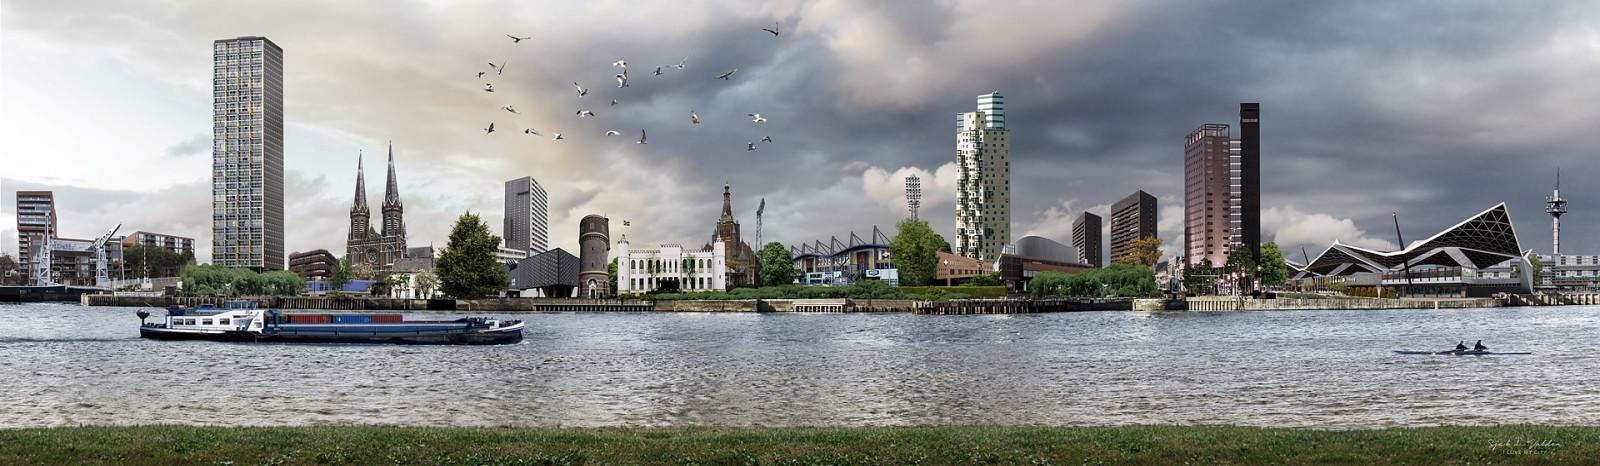 skyline Tilburg Willem II